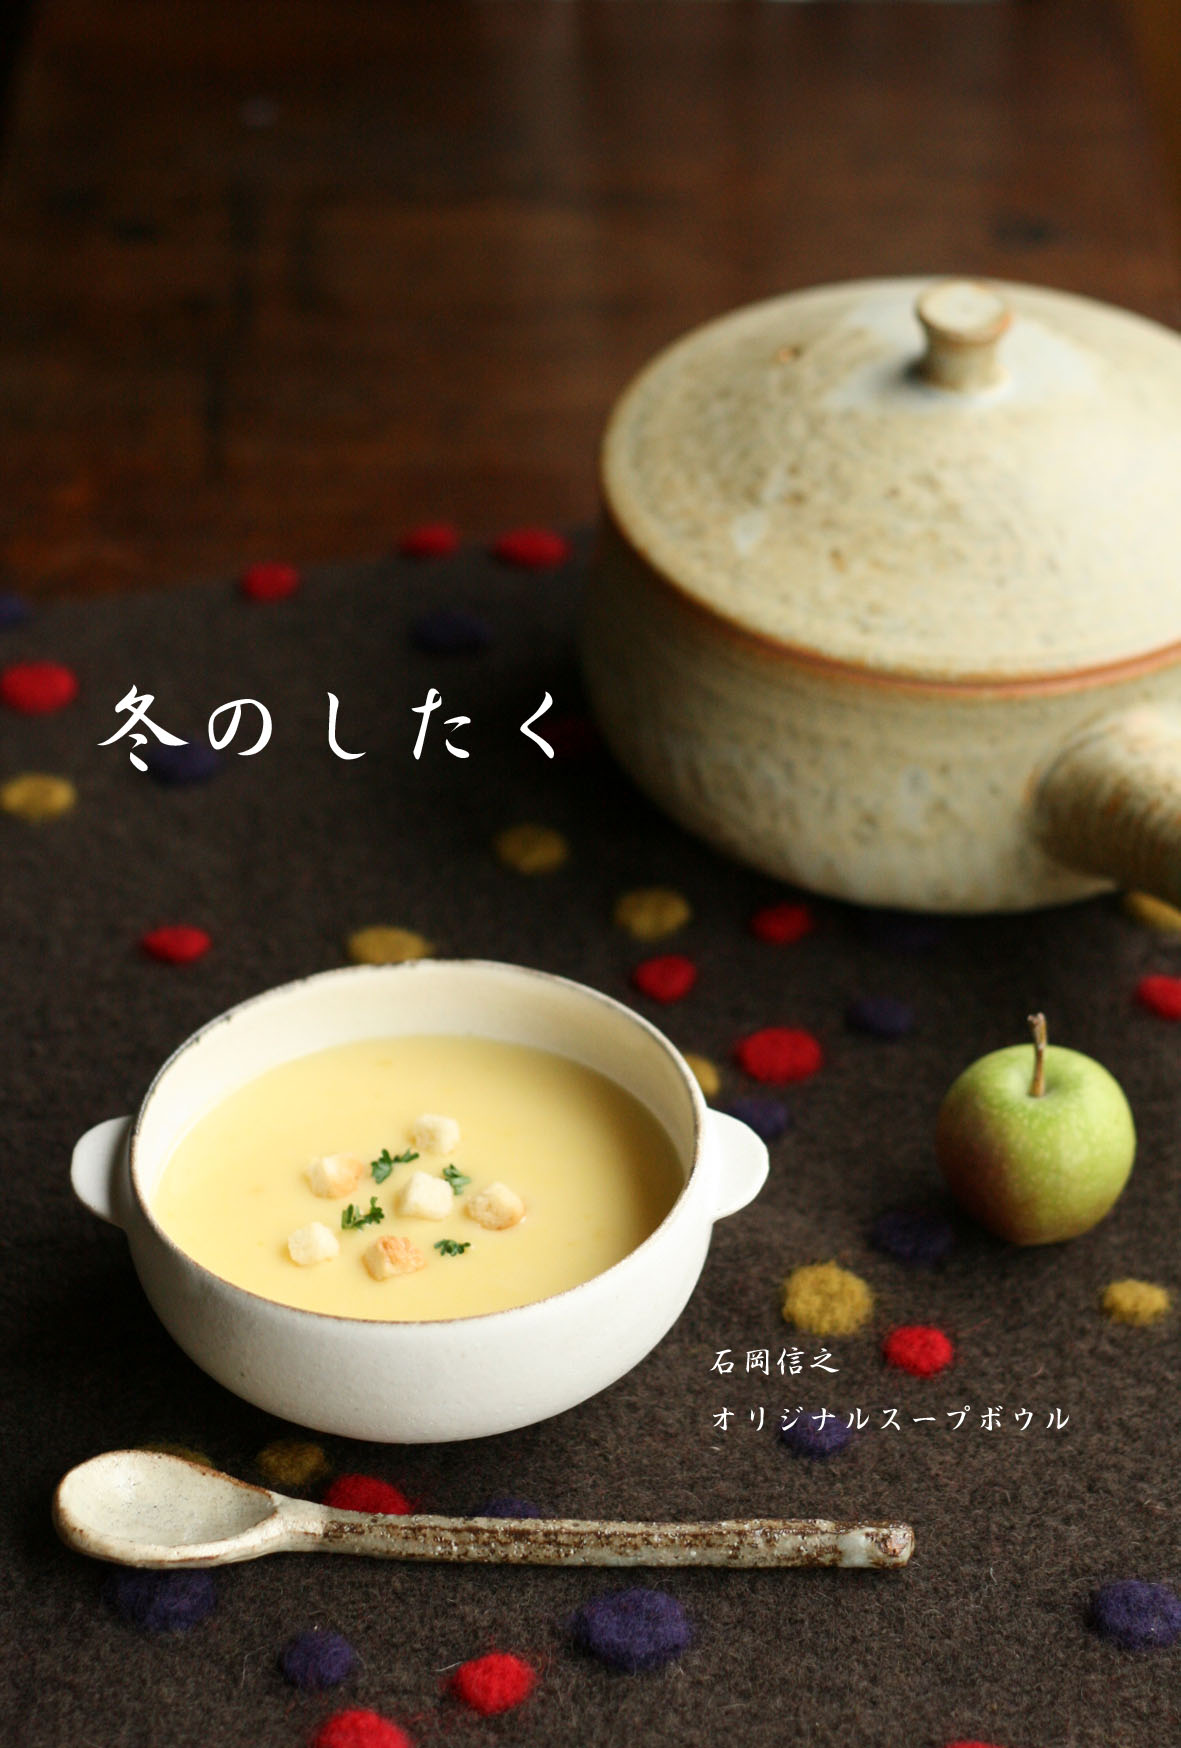 来週から京都で_d0185565_20214556.jpg